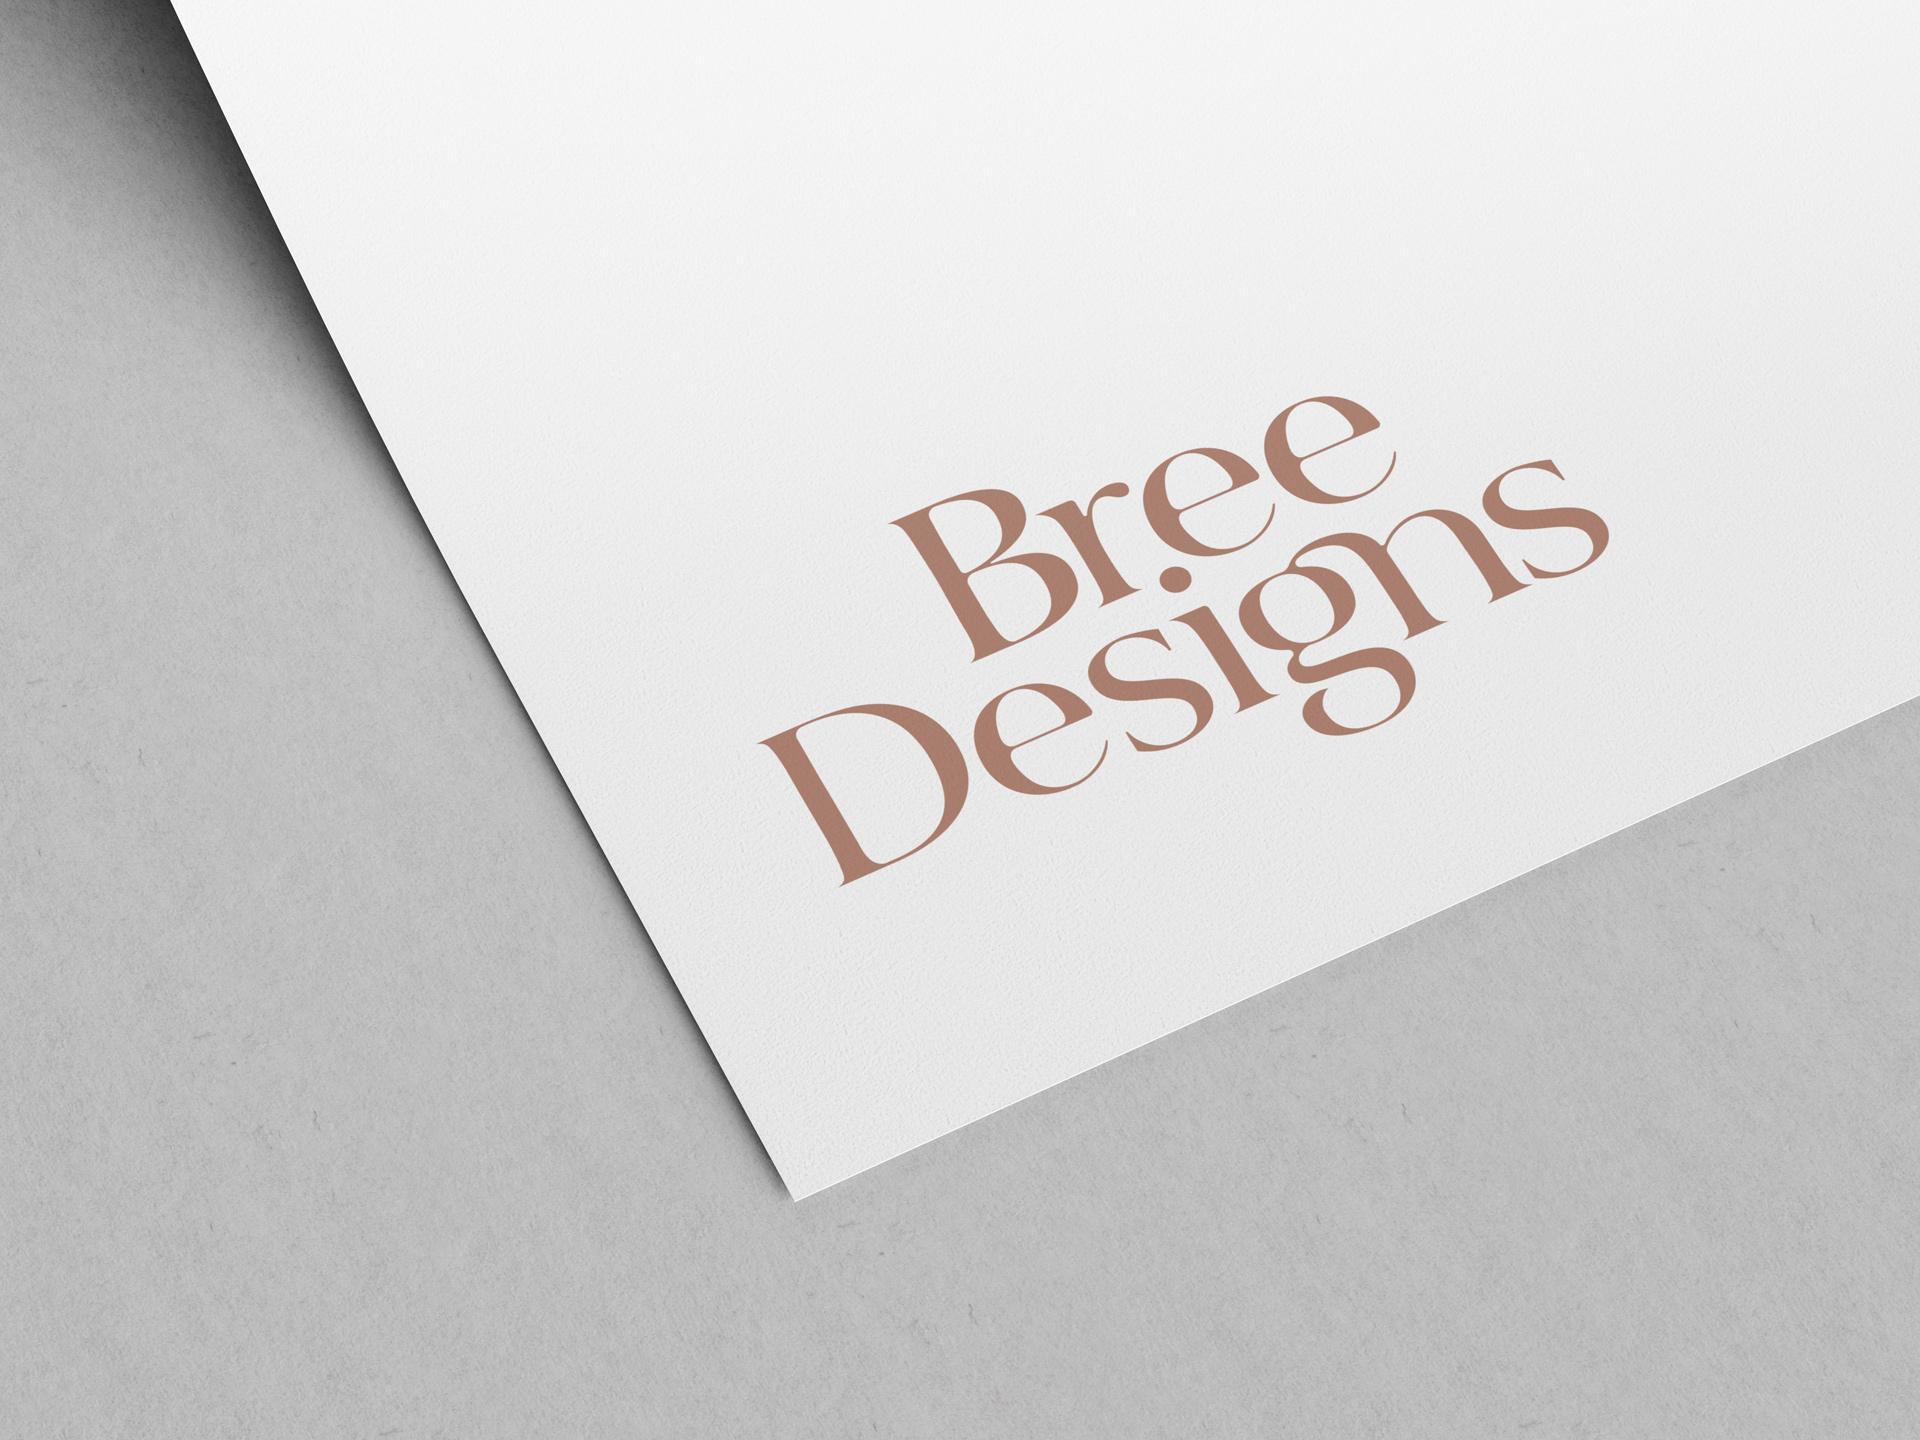 Bree Designs (2020)